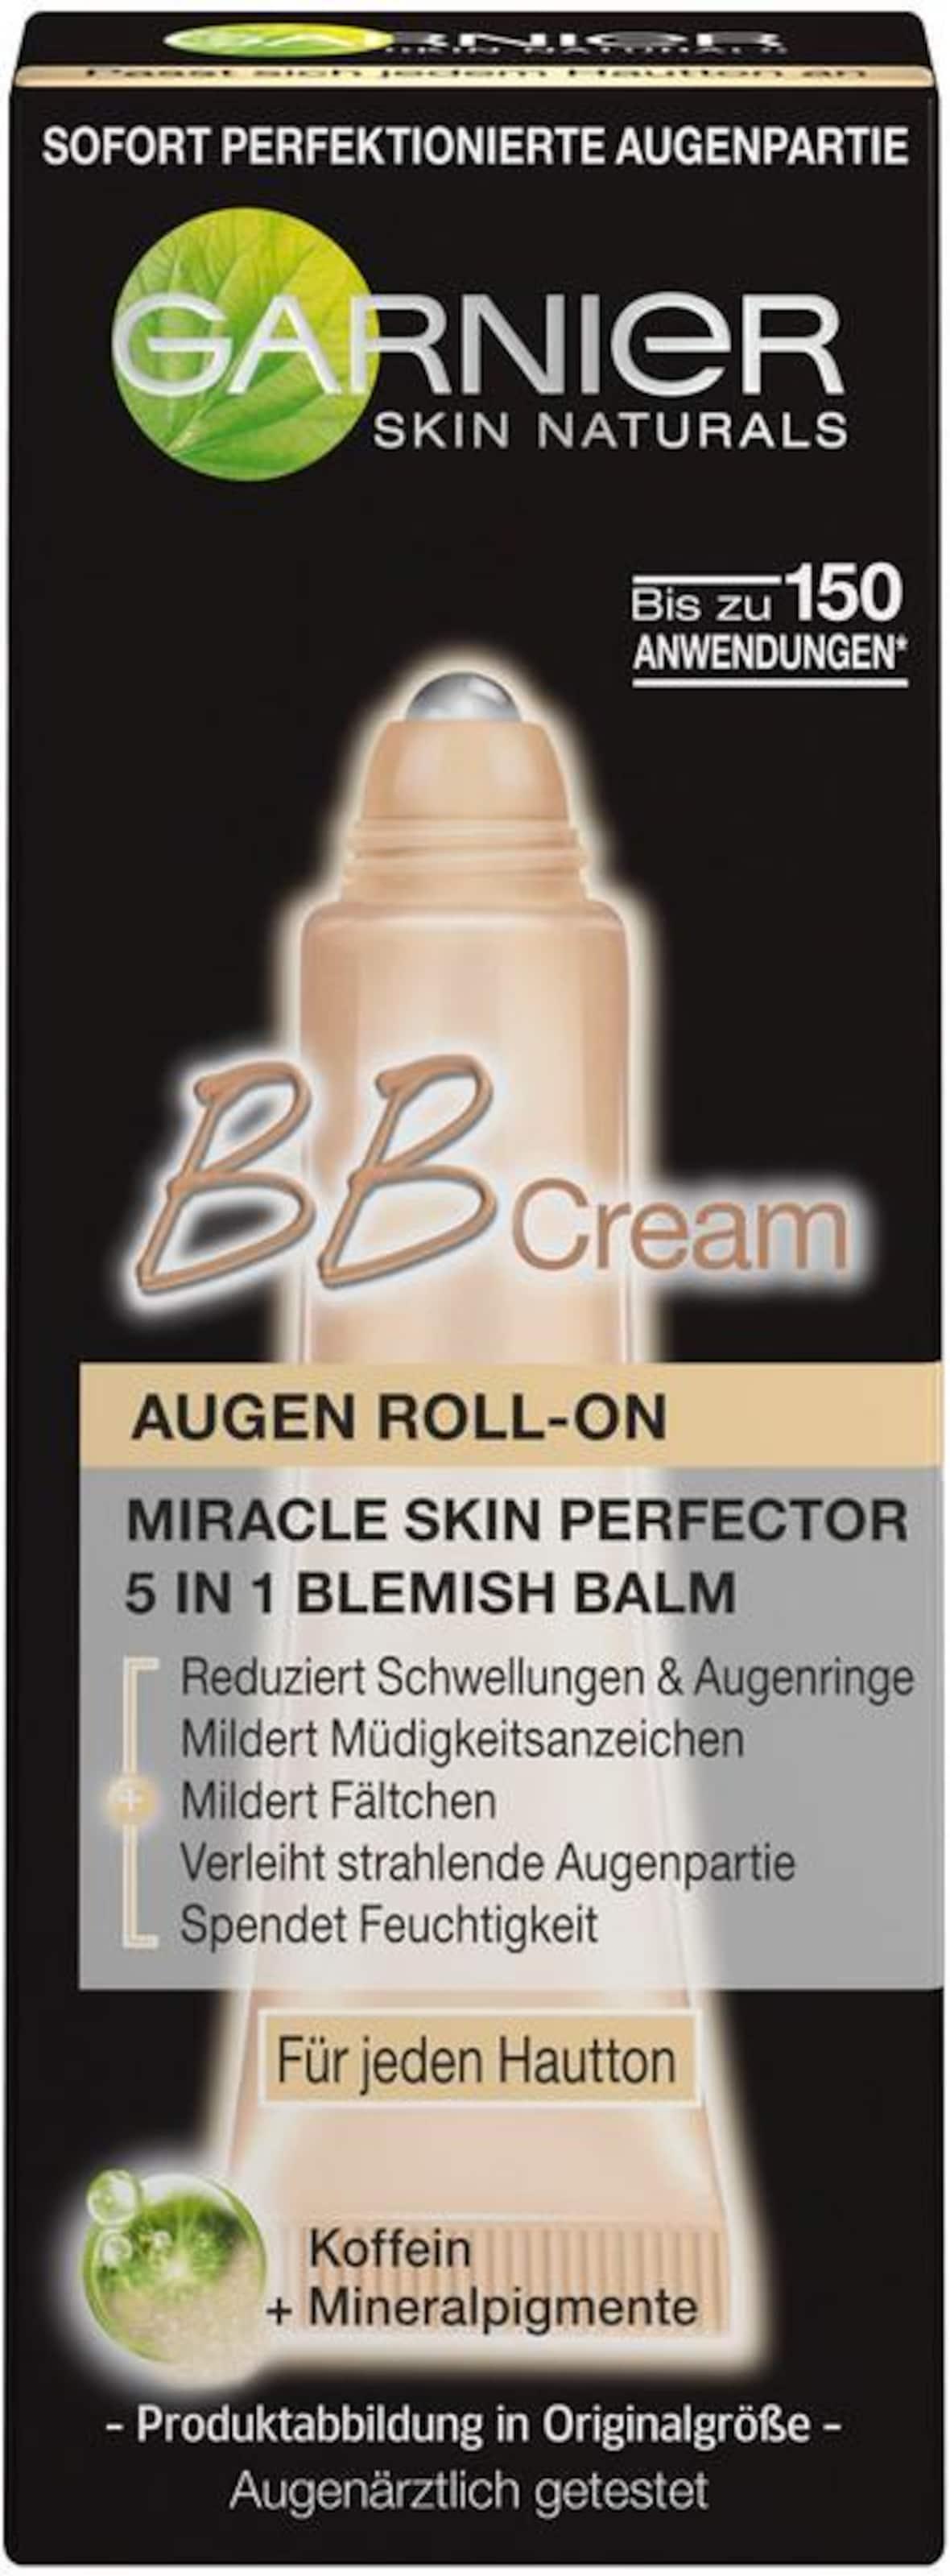 GARNIER 'Miracle Skin Perfector BB Cream Augen Roll-On', Augenpflege